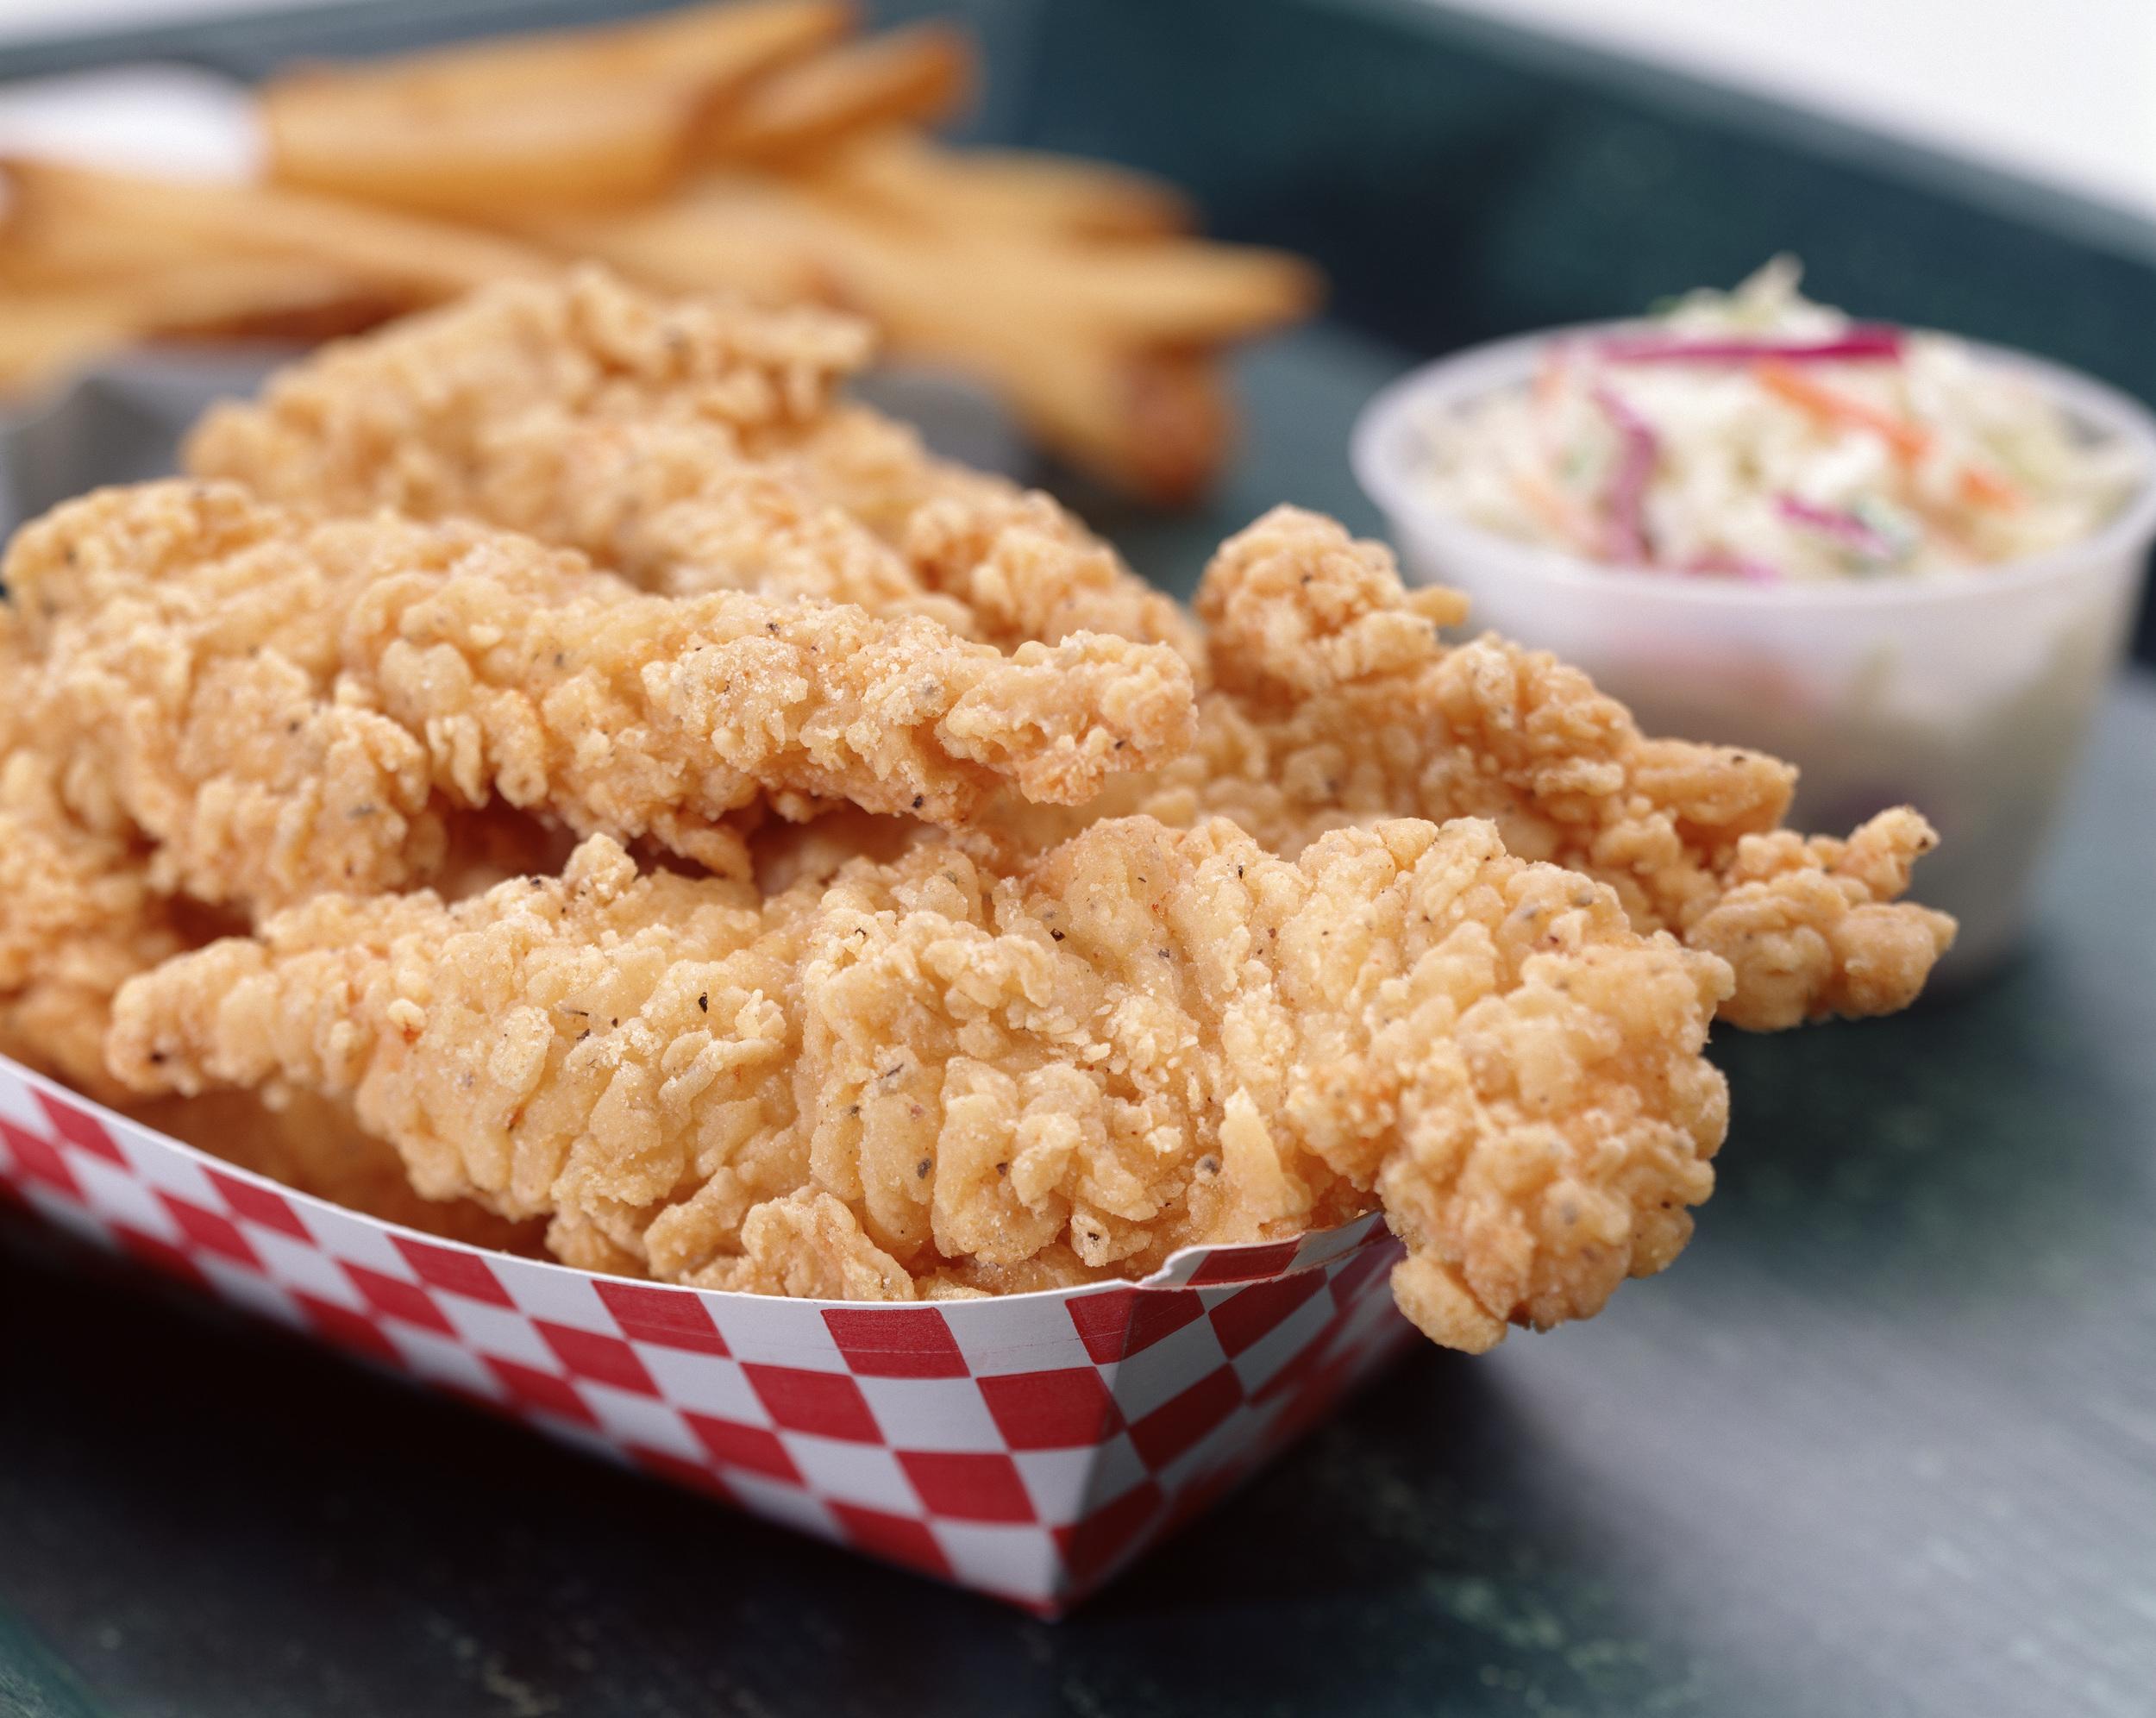 3,000 orders of chicken tenders expected